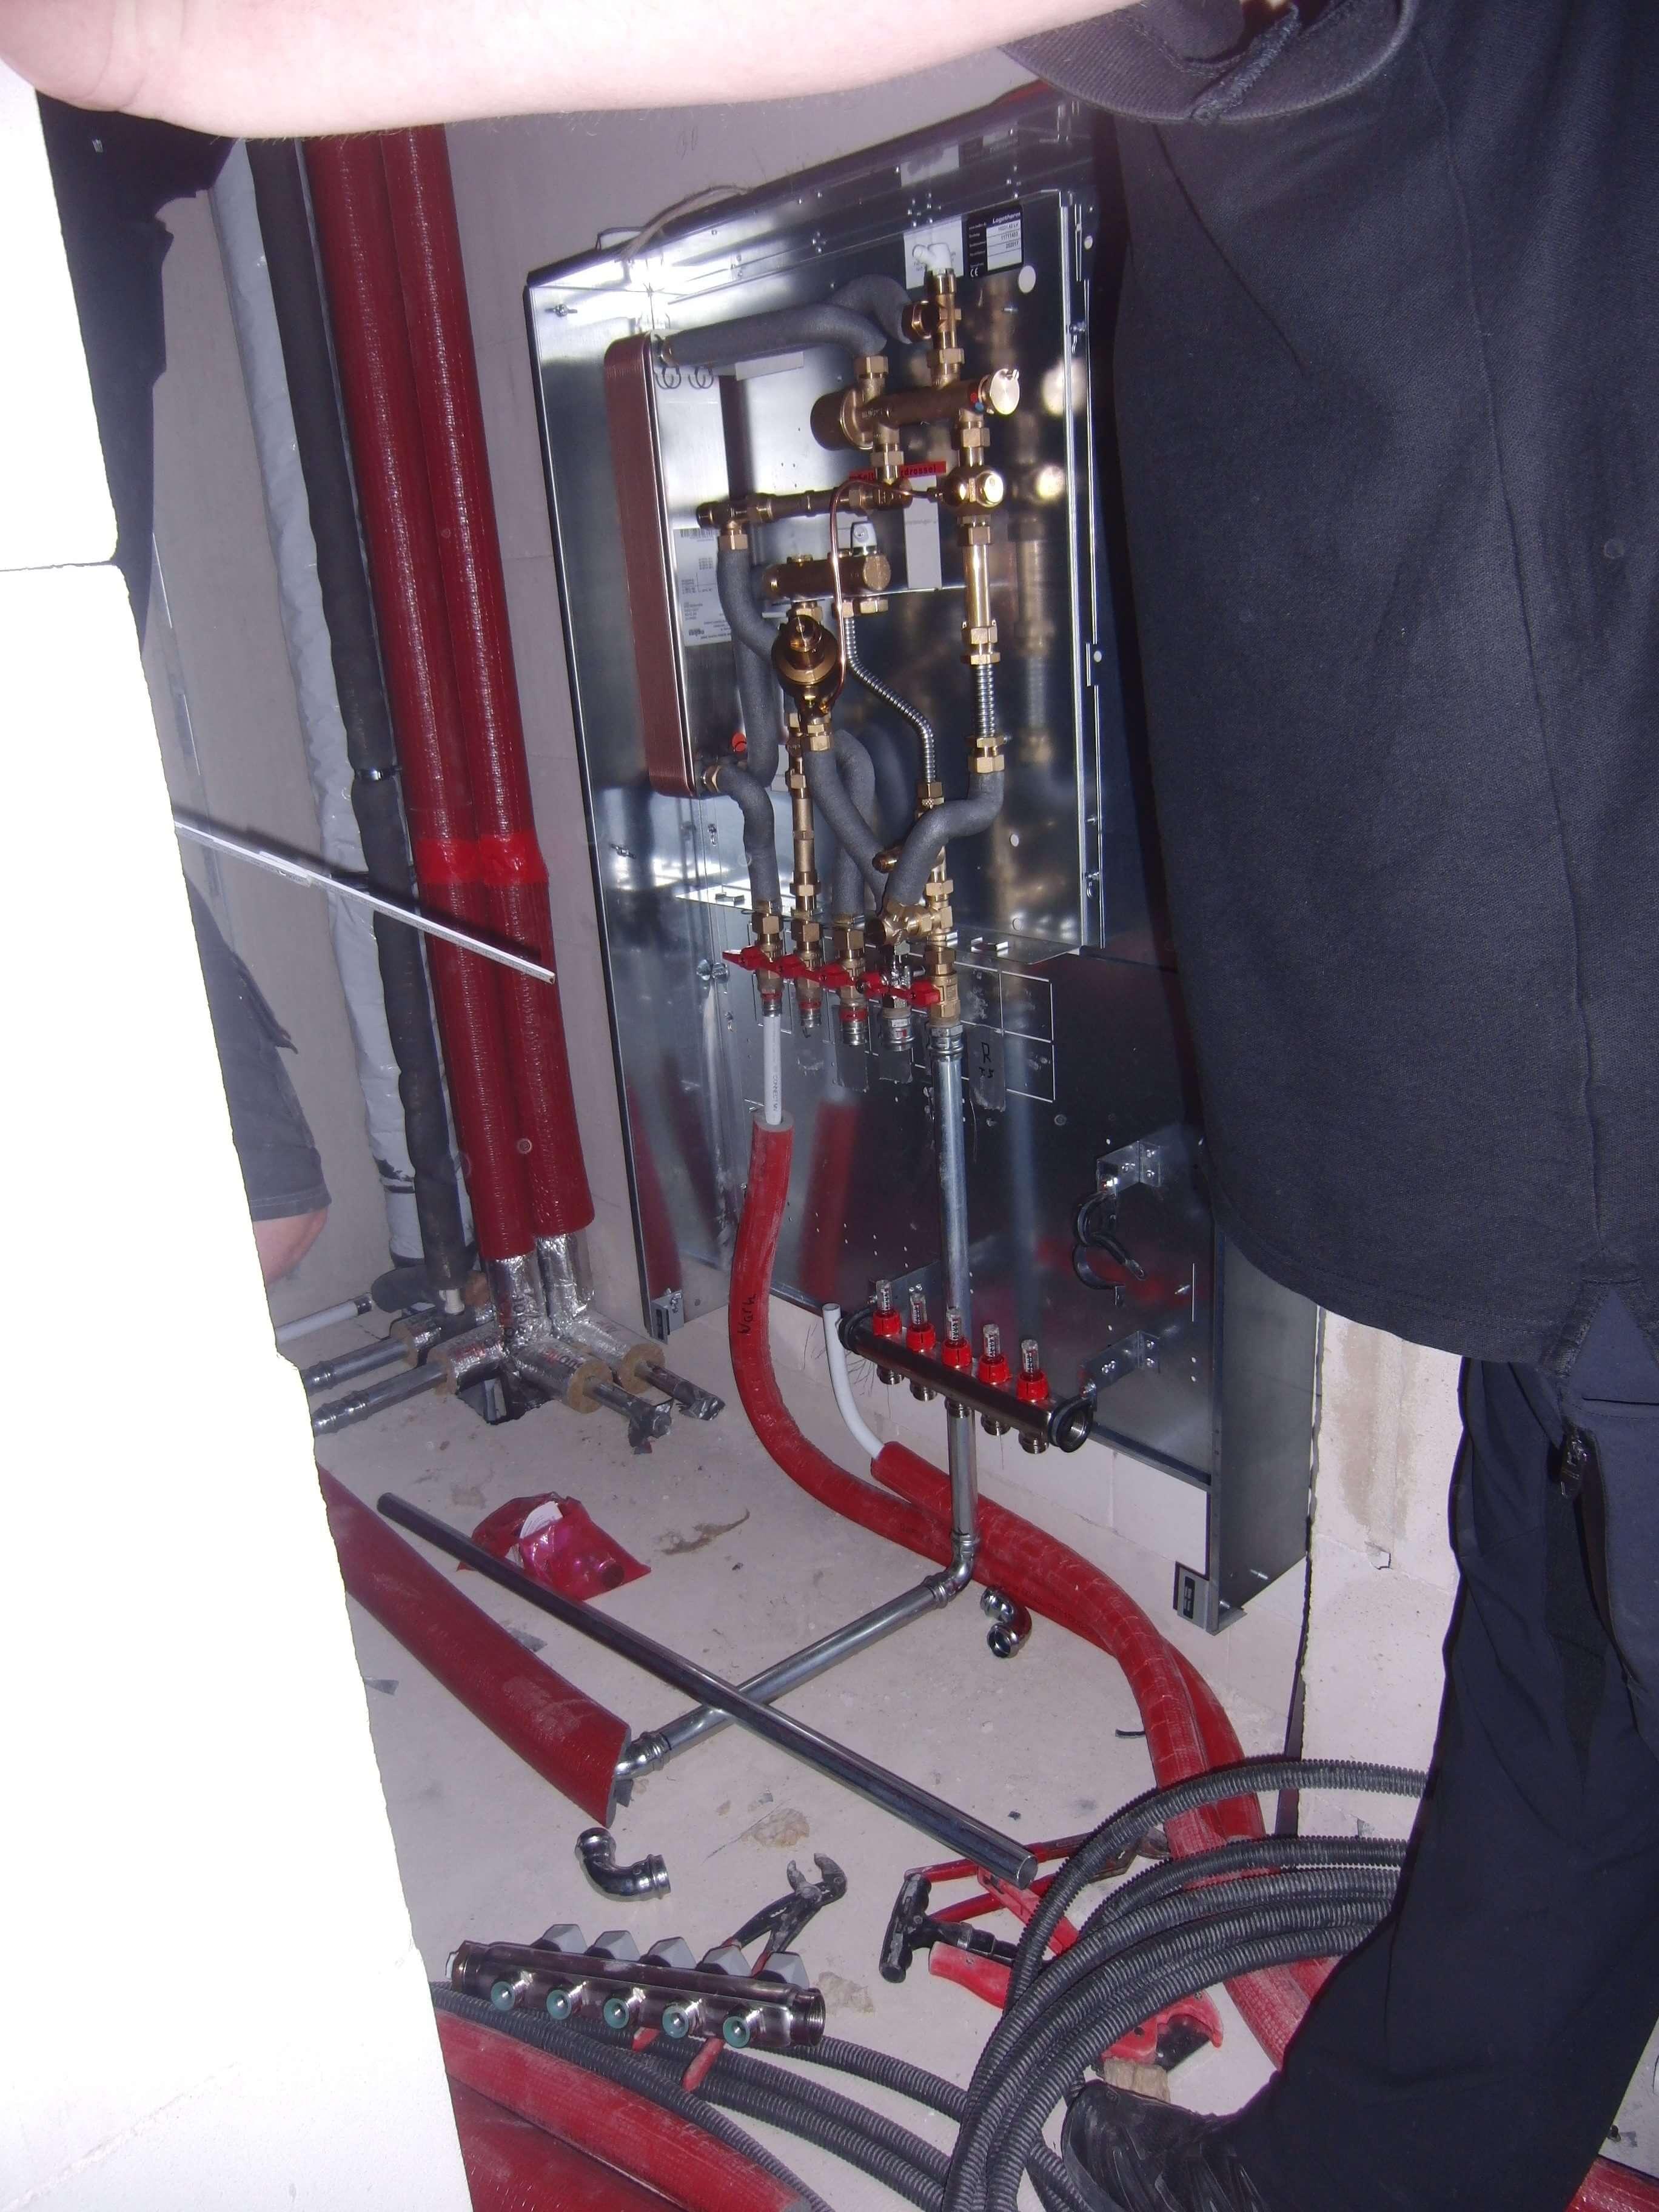 Meibes Wohnungswasserstation im Aufbau